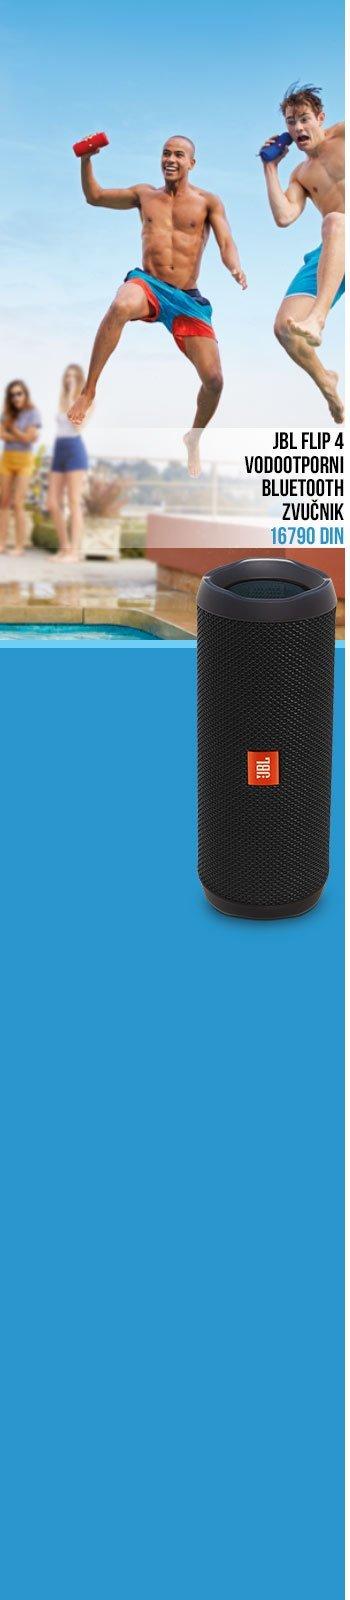 JBL Flip 4 Bluetooth zvučnik